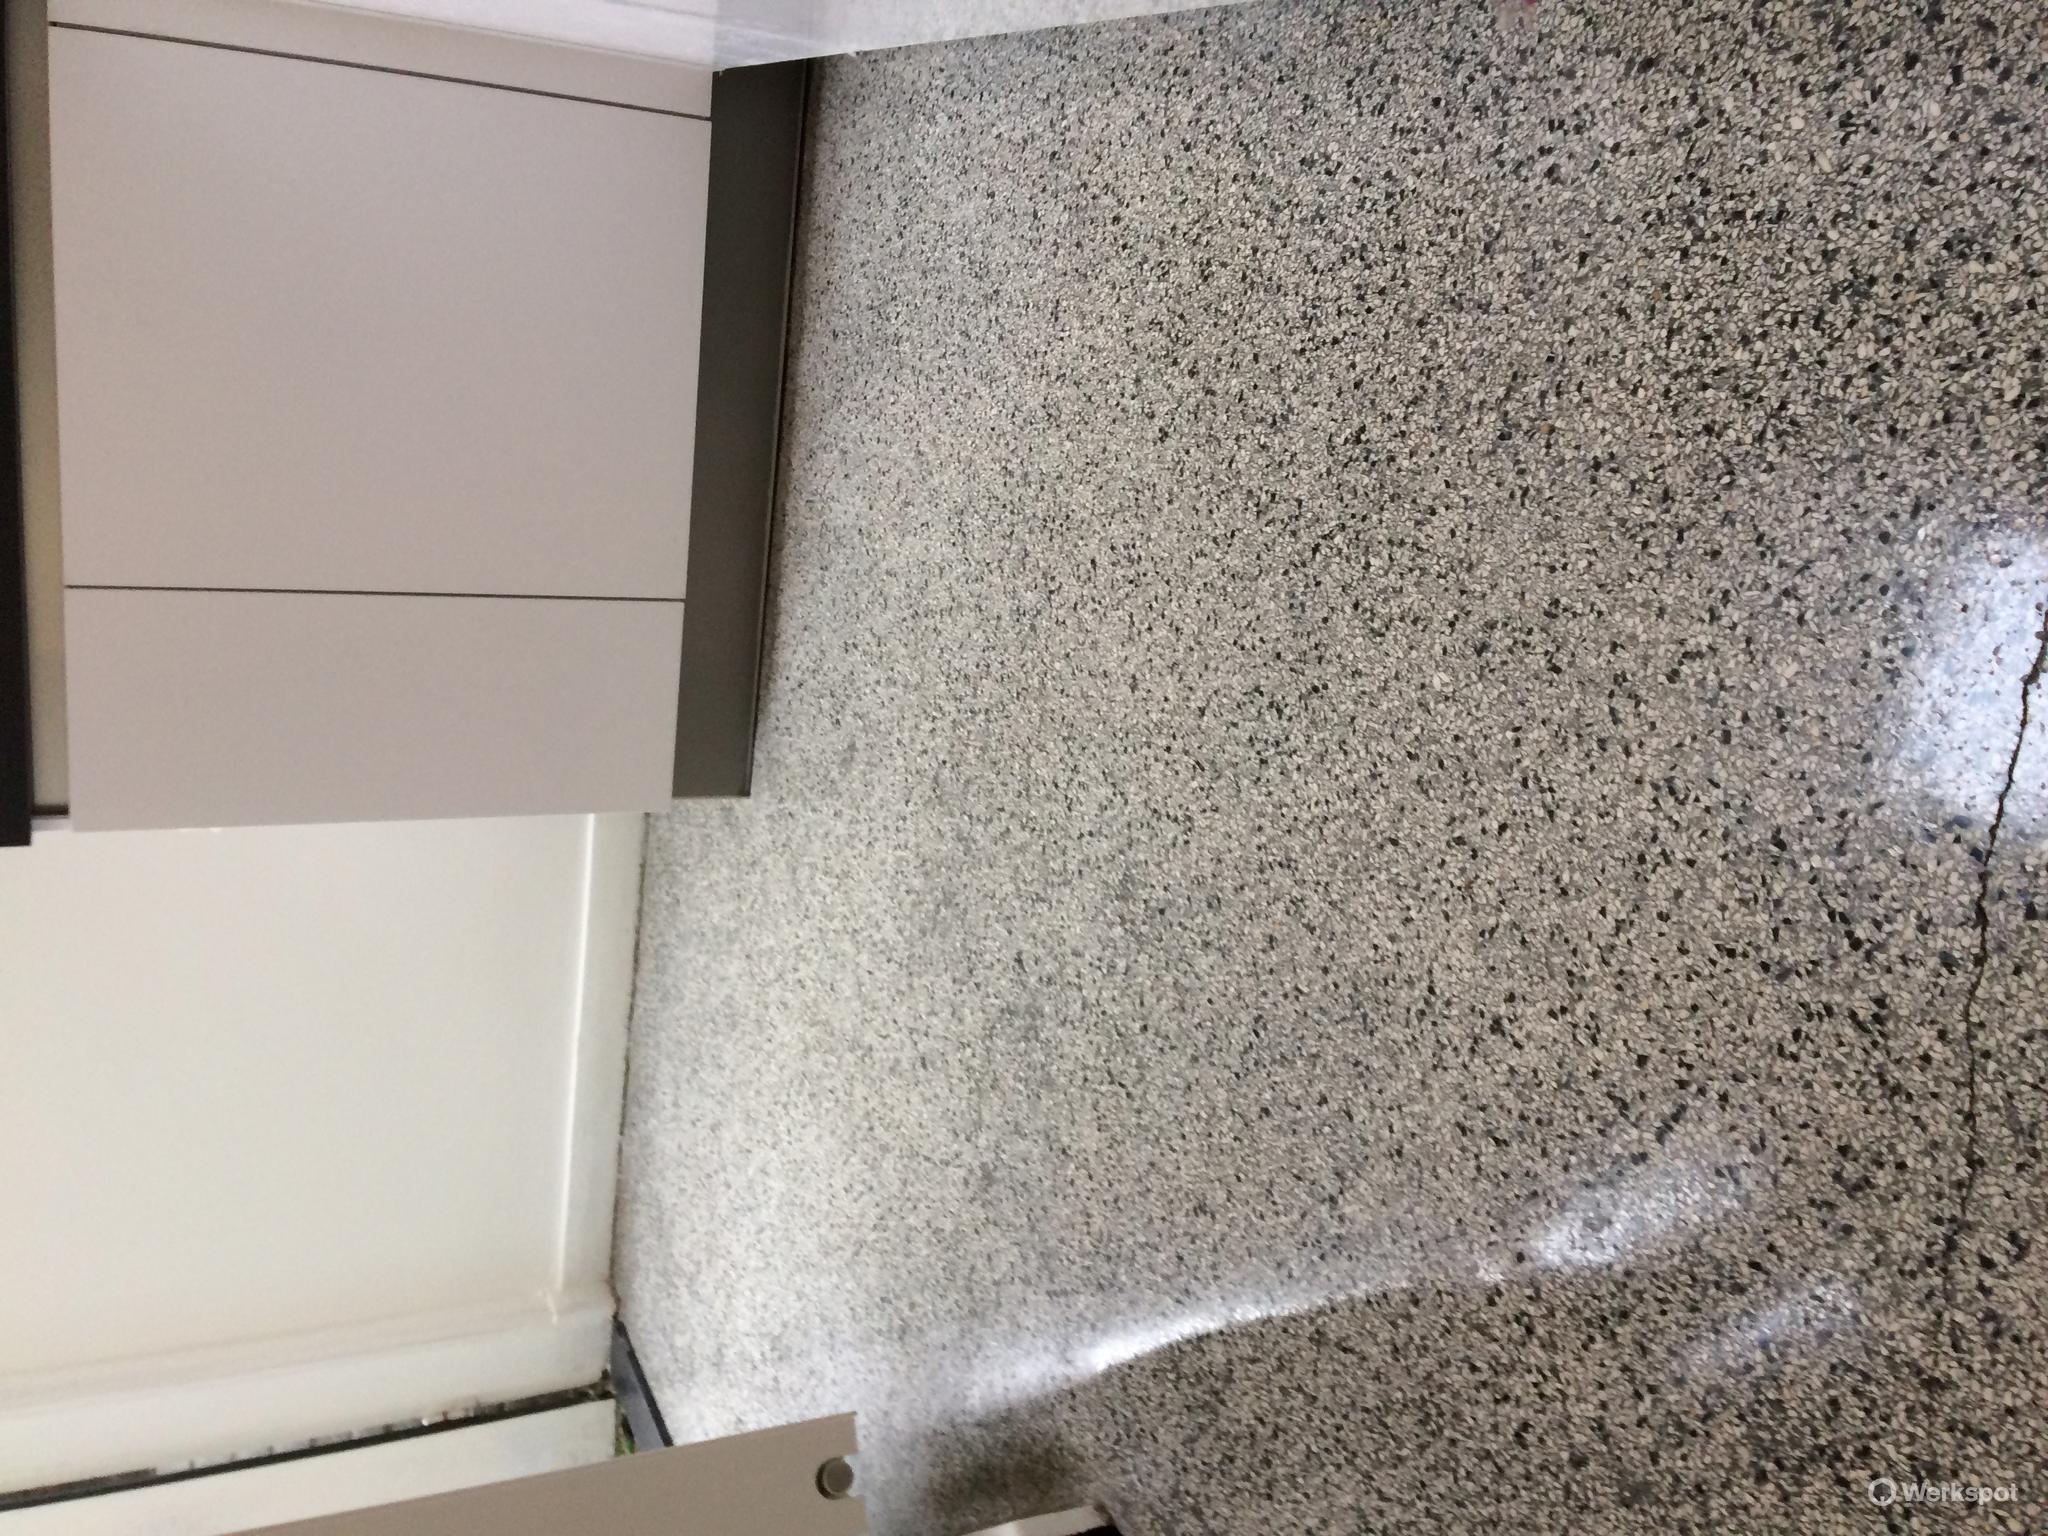 granieten vloer keuken en hal ca 8 m2 schoonmaken opfrissen